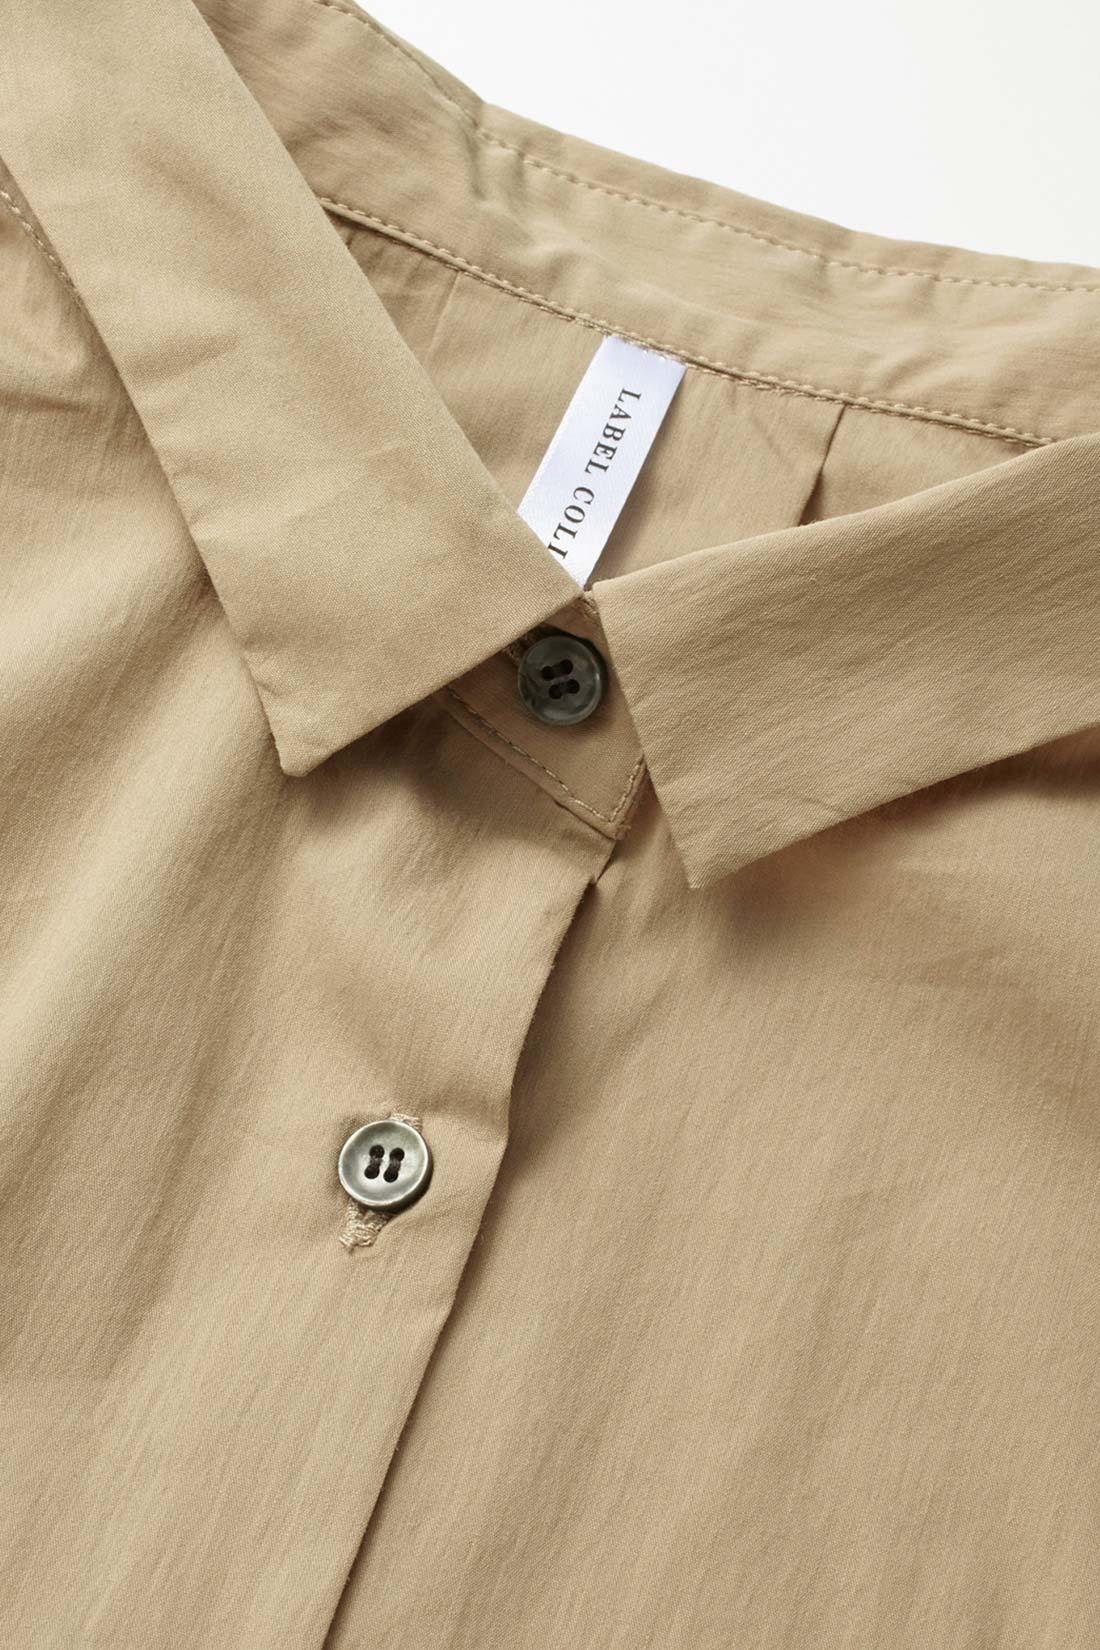 ノンステッチの衿と前立てが凛としていて潔い ※お届けするカラーとは異なります。